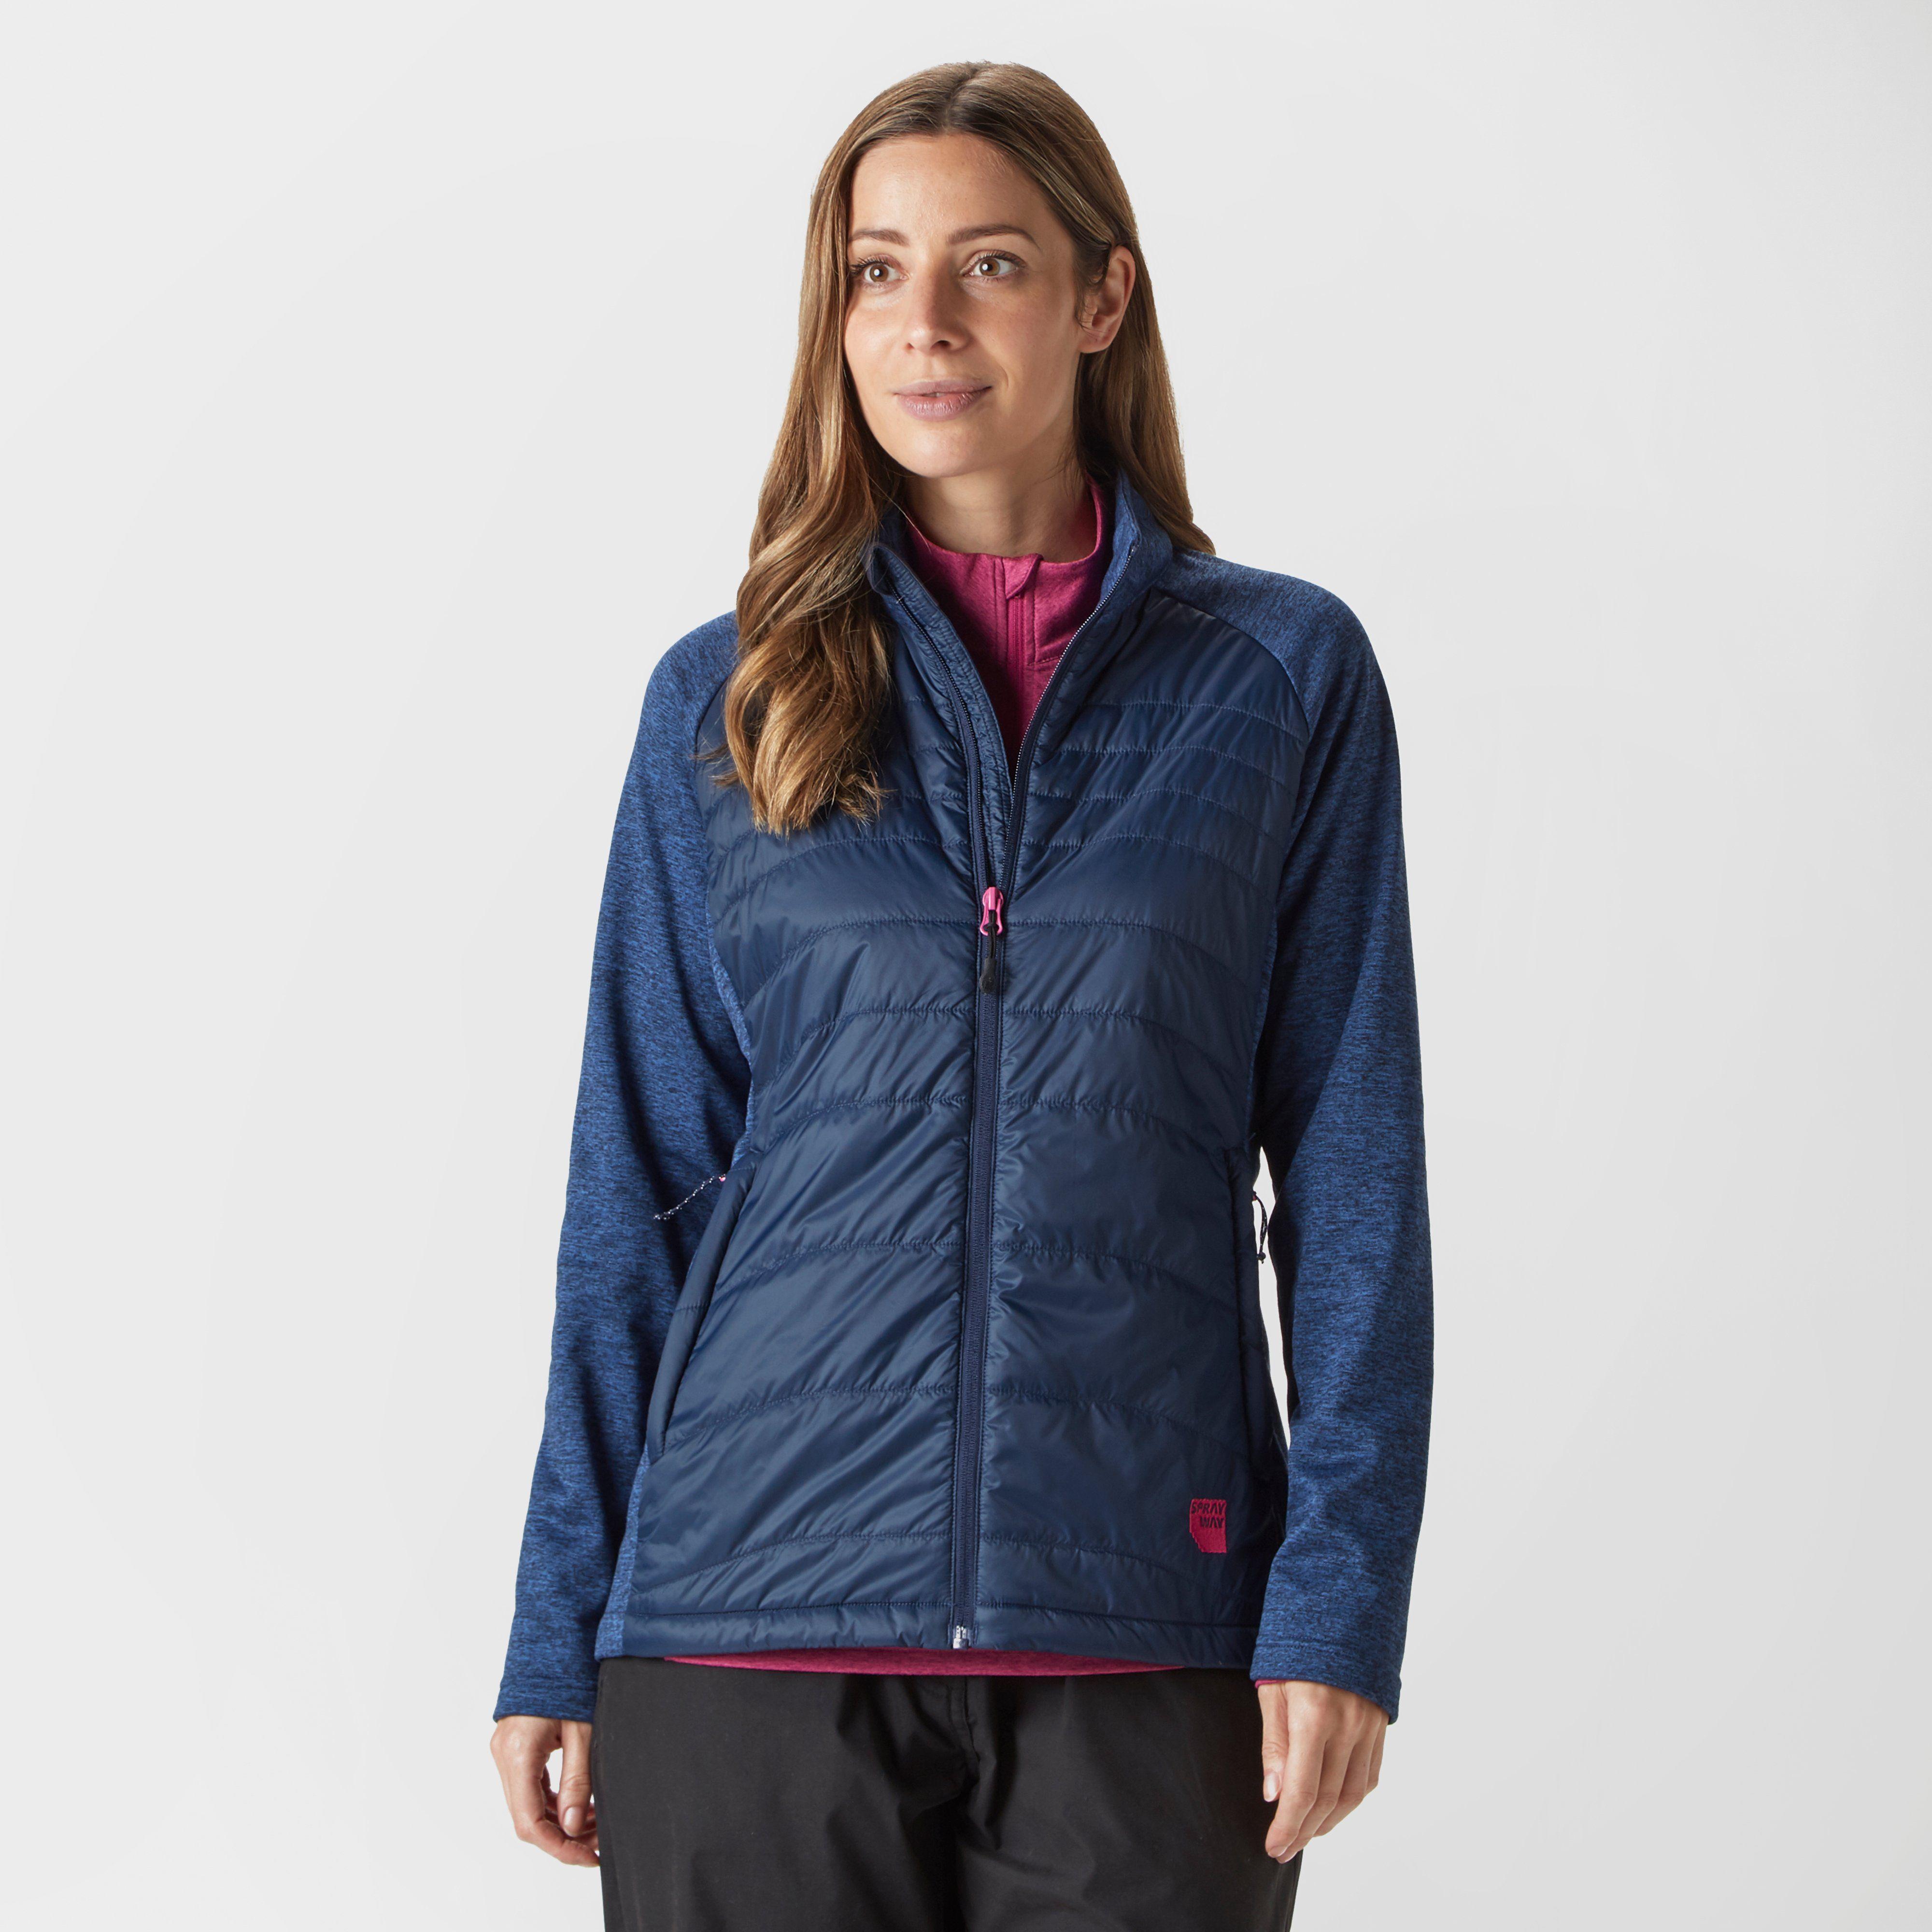 SPRAYWAY Women's Moulin Hybrid Fleece Jacket